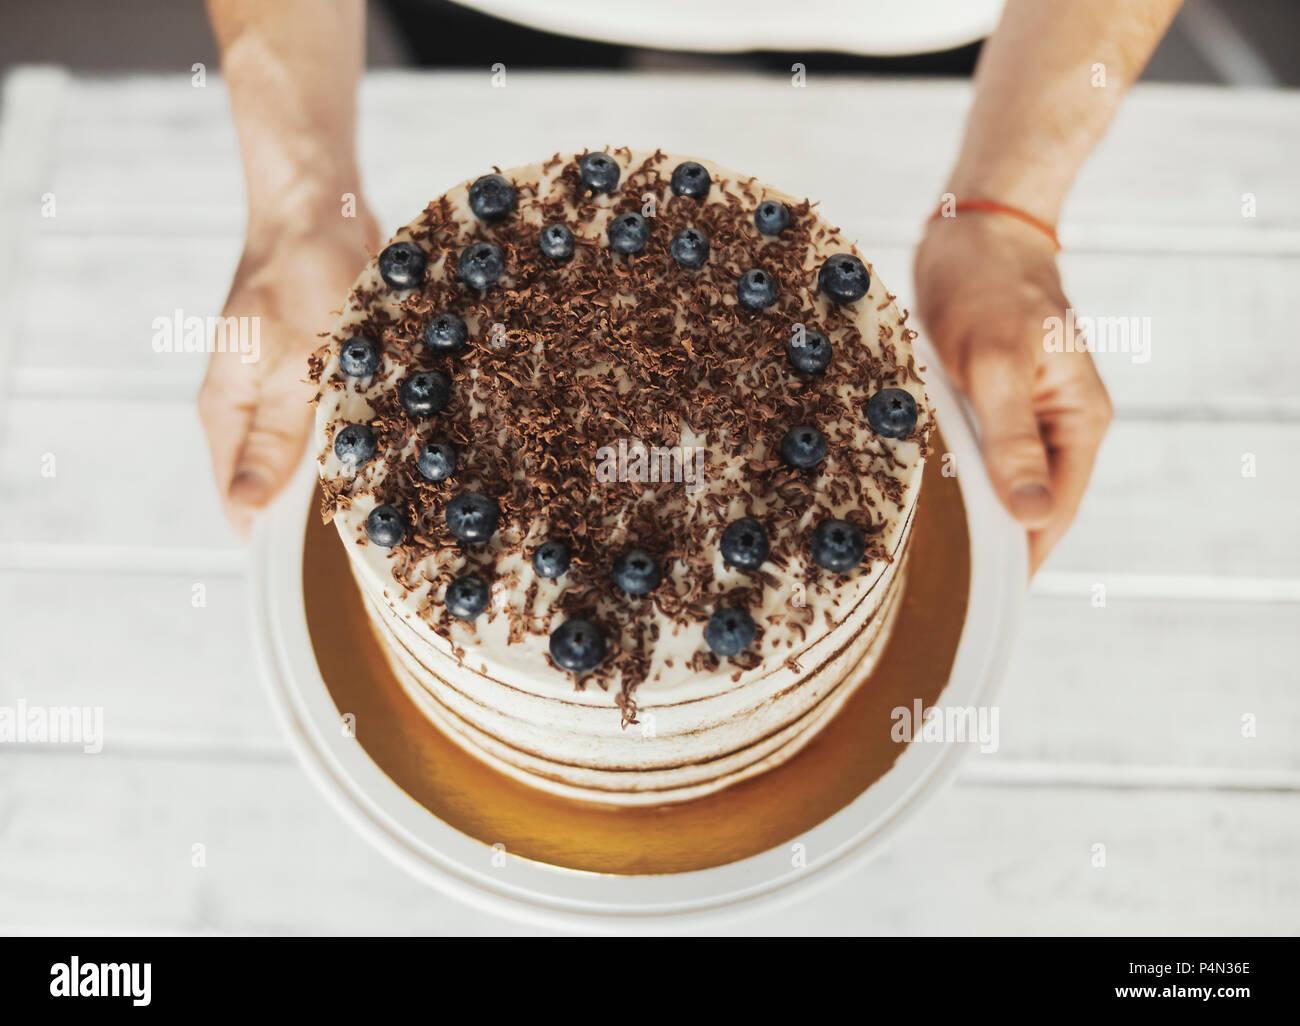 Jungen attraktiven Mann dekorieren Kuchen mit Schokolade und Beeren Stockbild